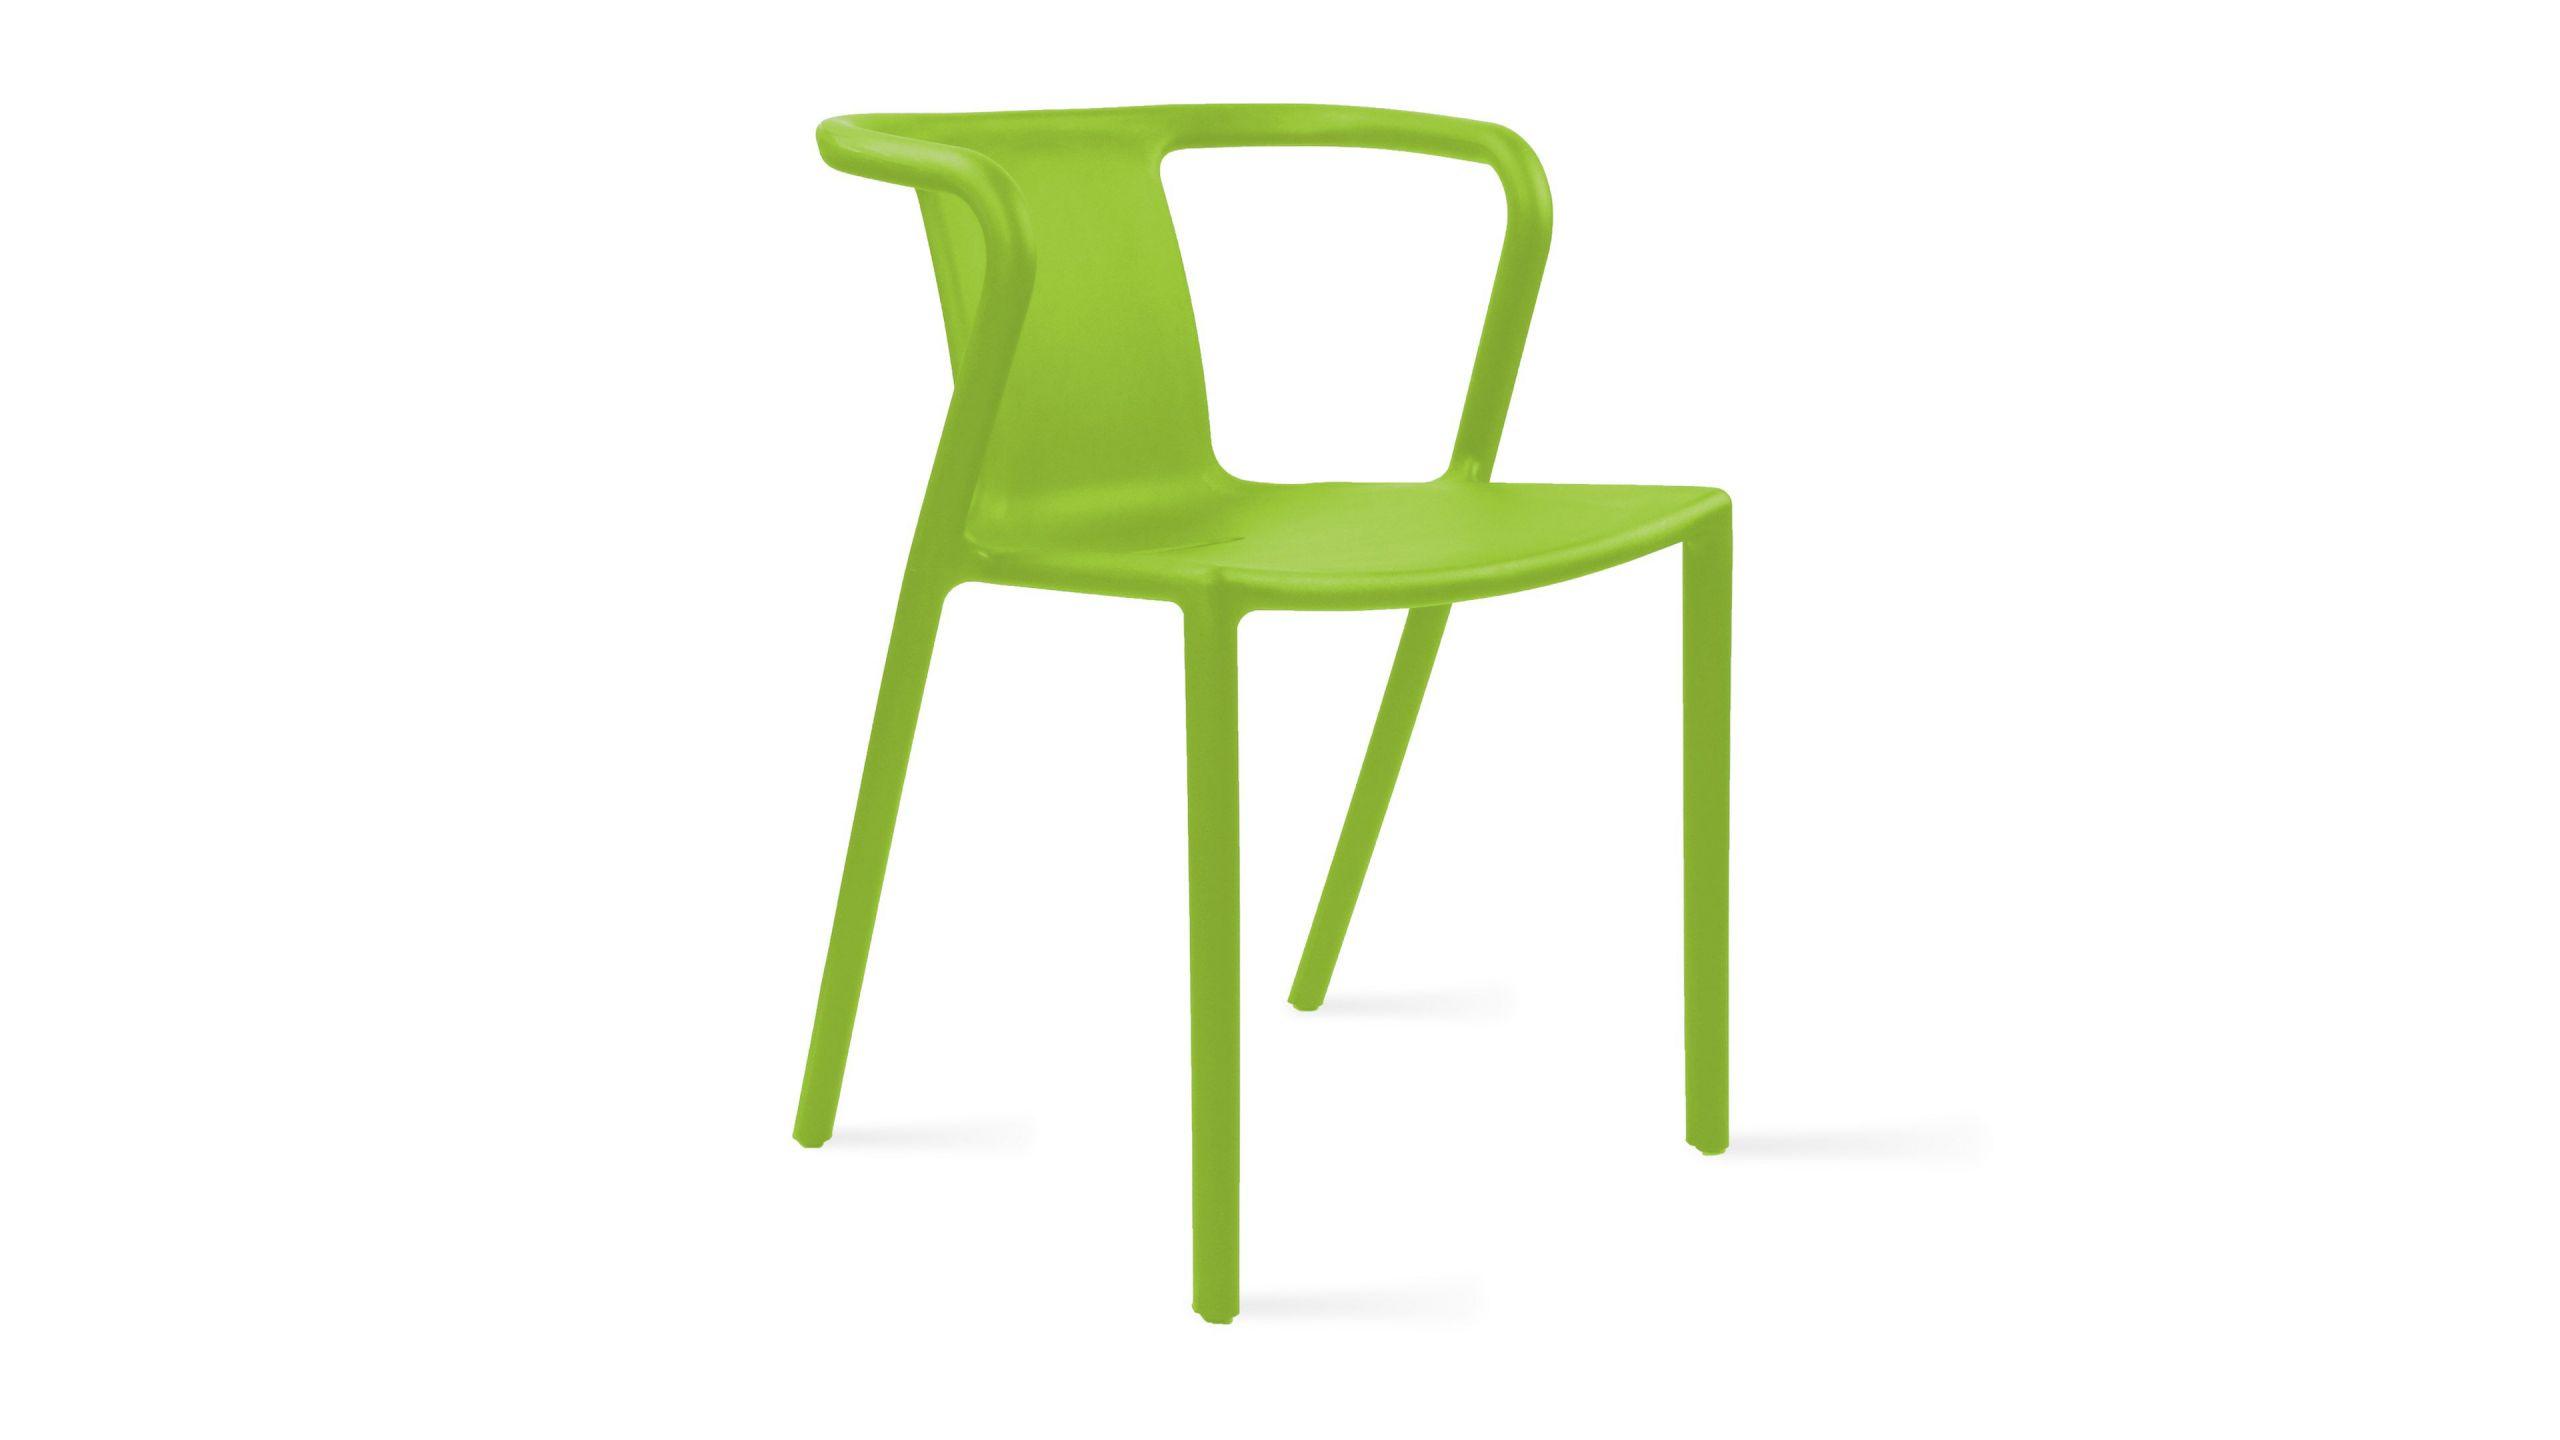 Chaise de jardin en plastique design